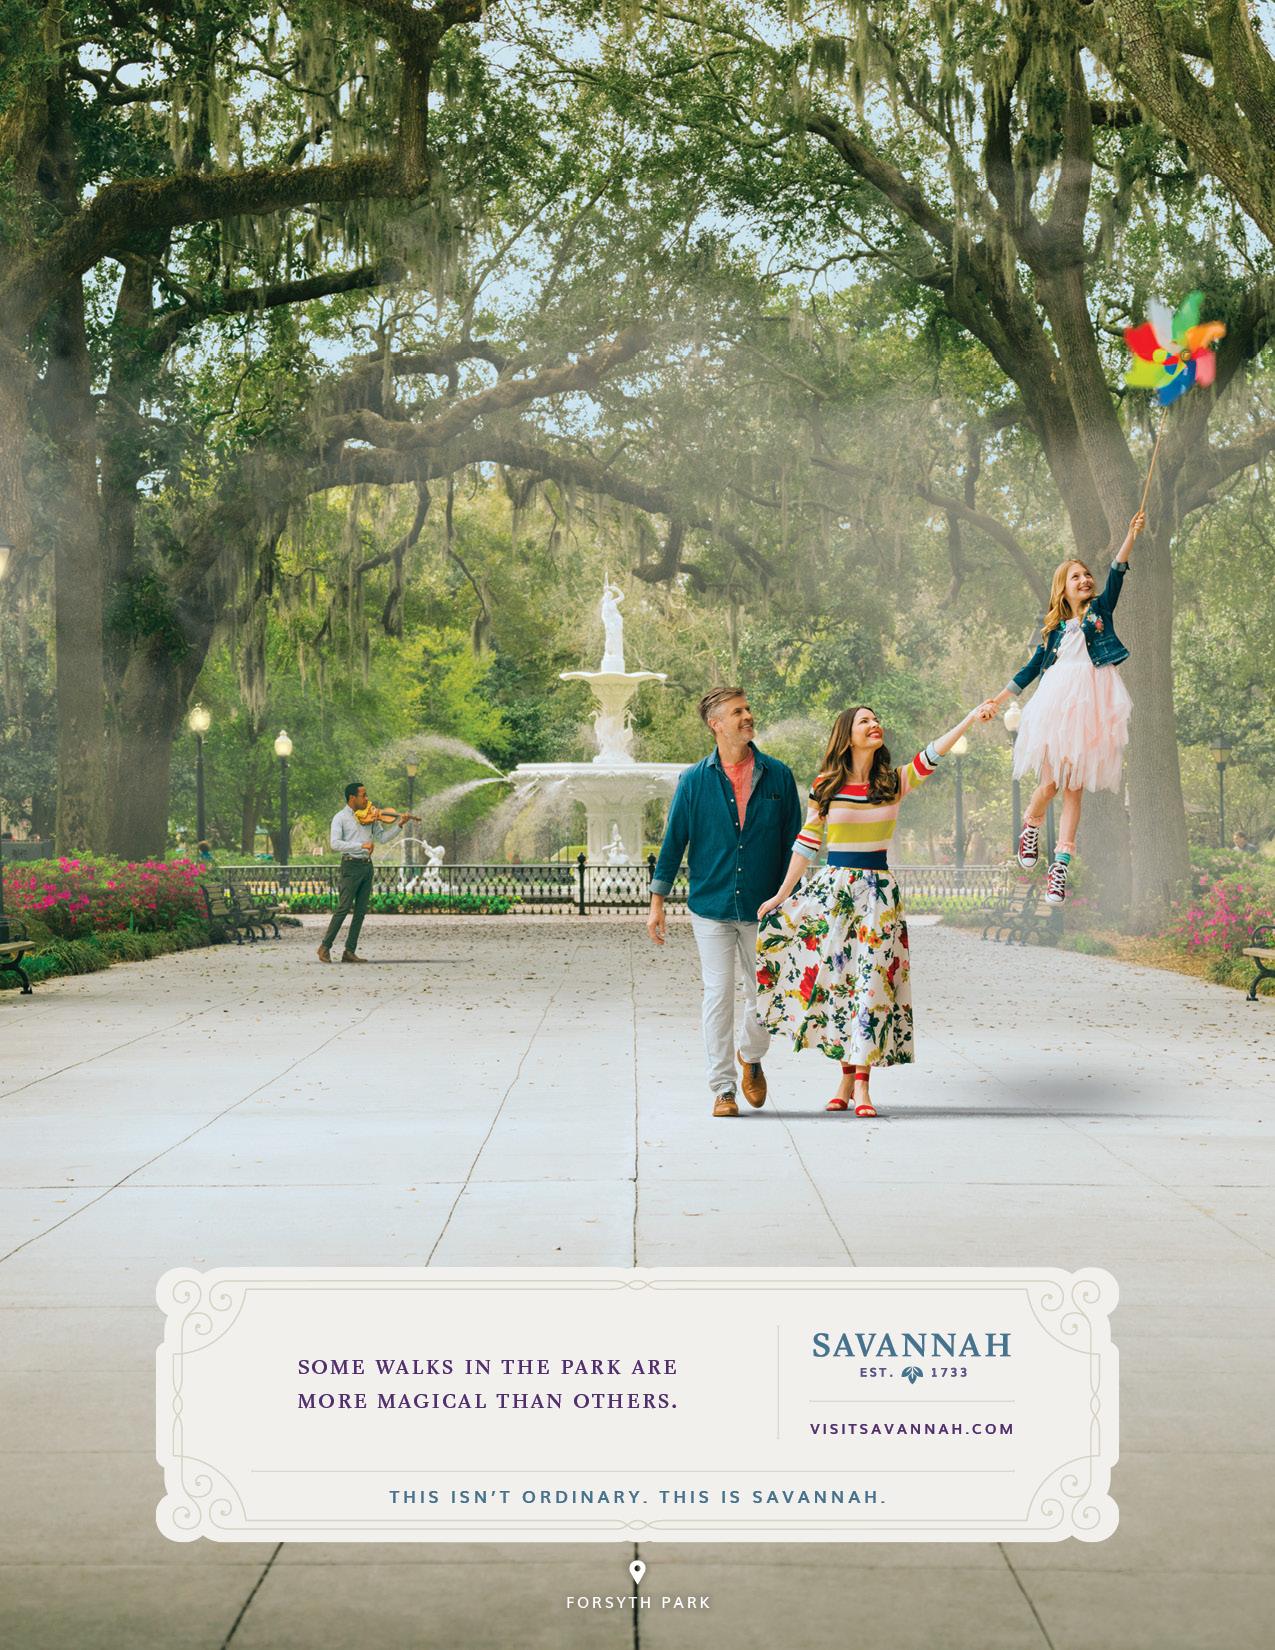 SAV-3822 Savannah Forsyth Park FP.jpg